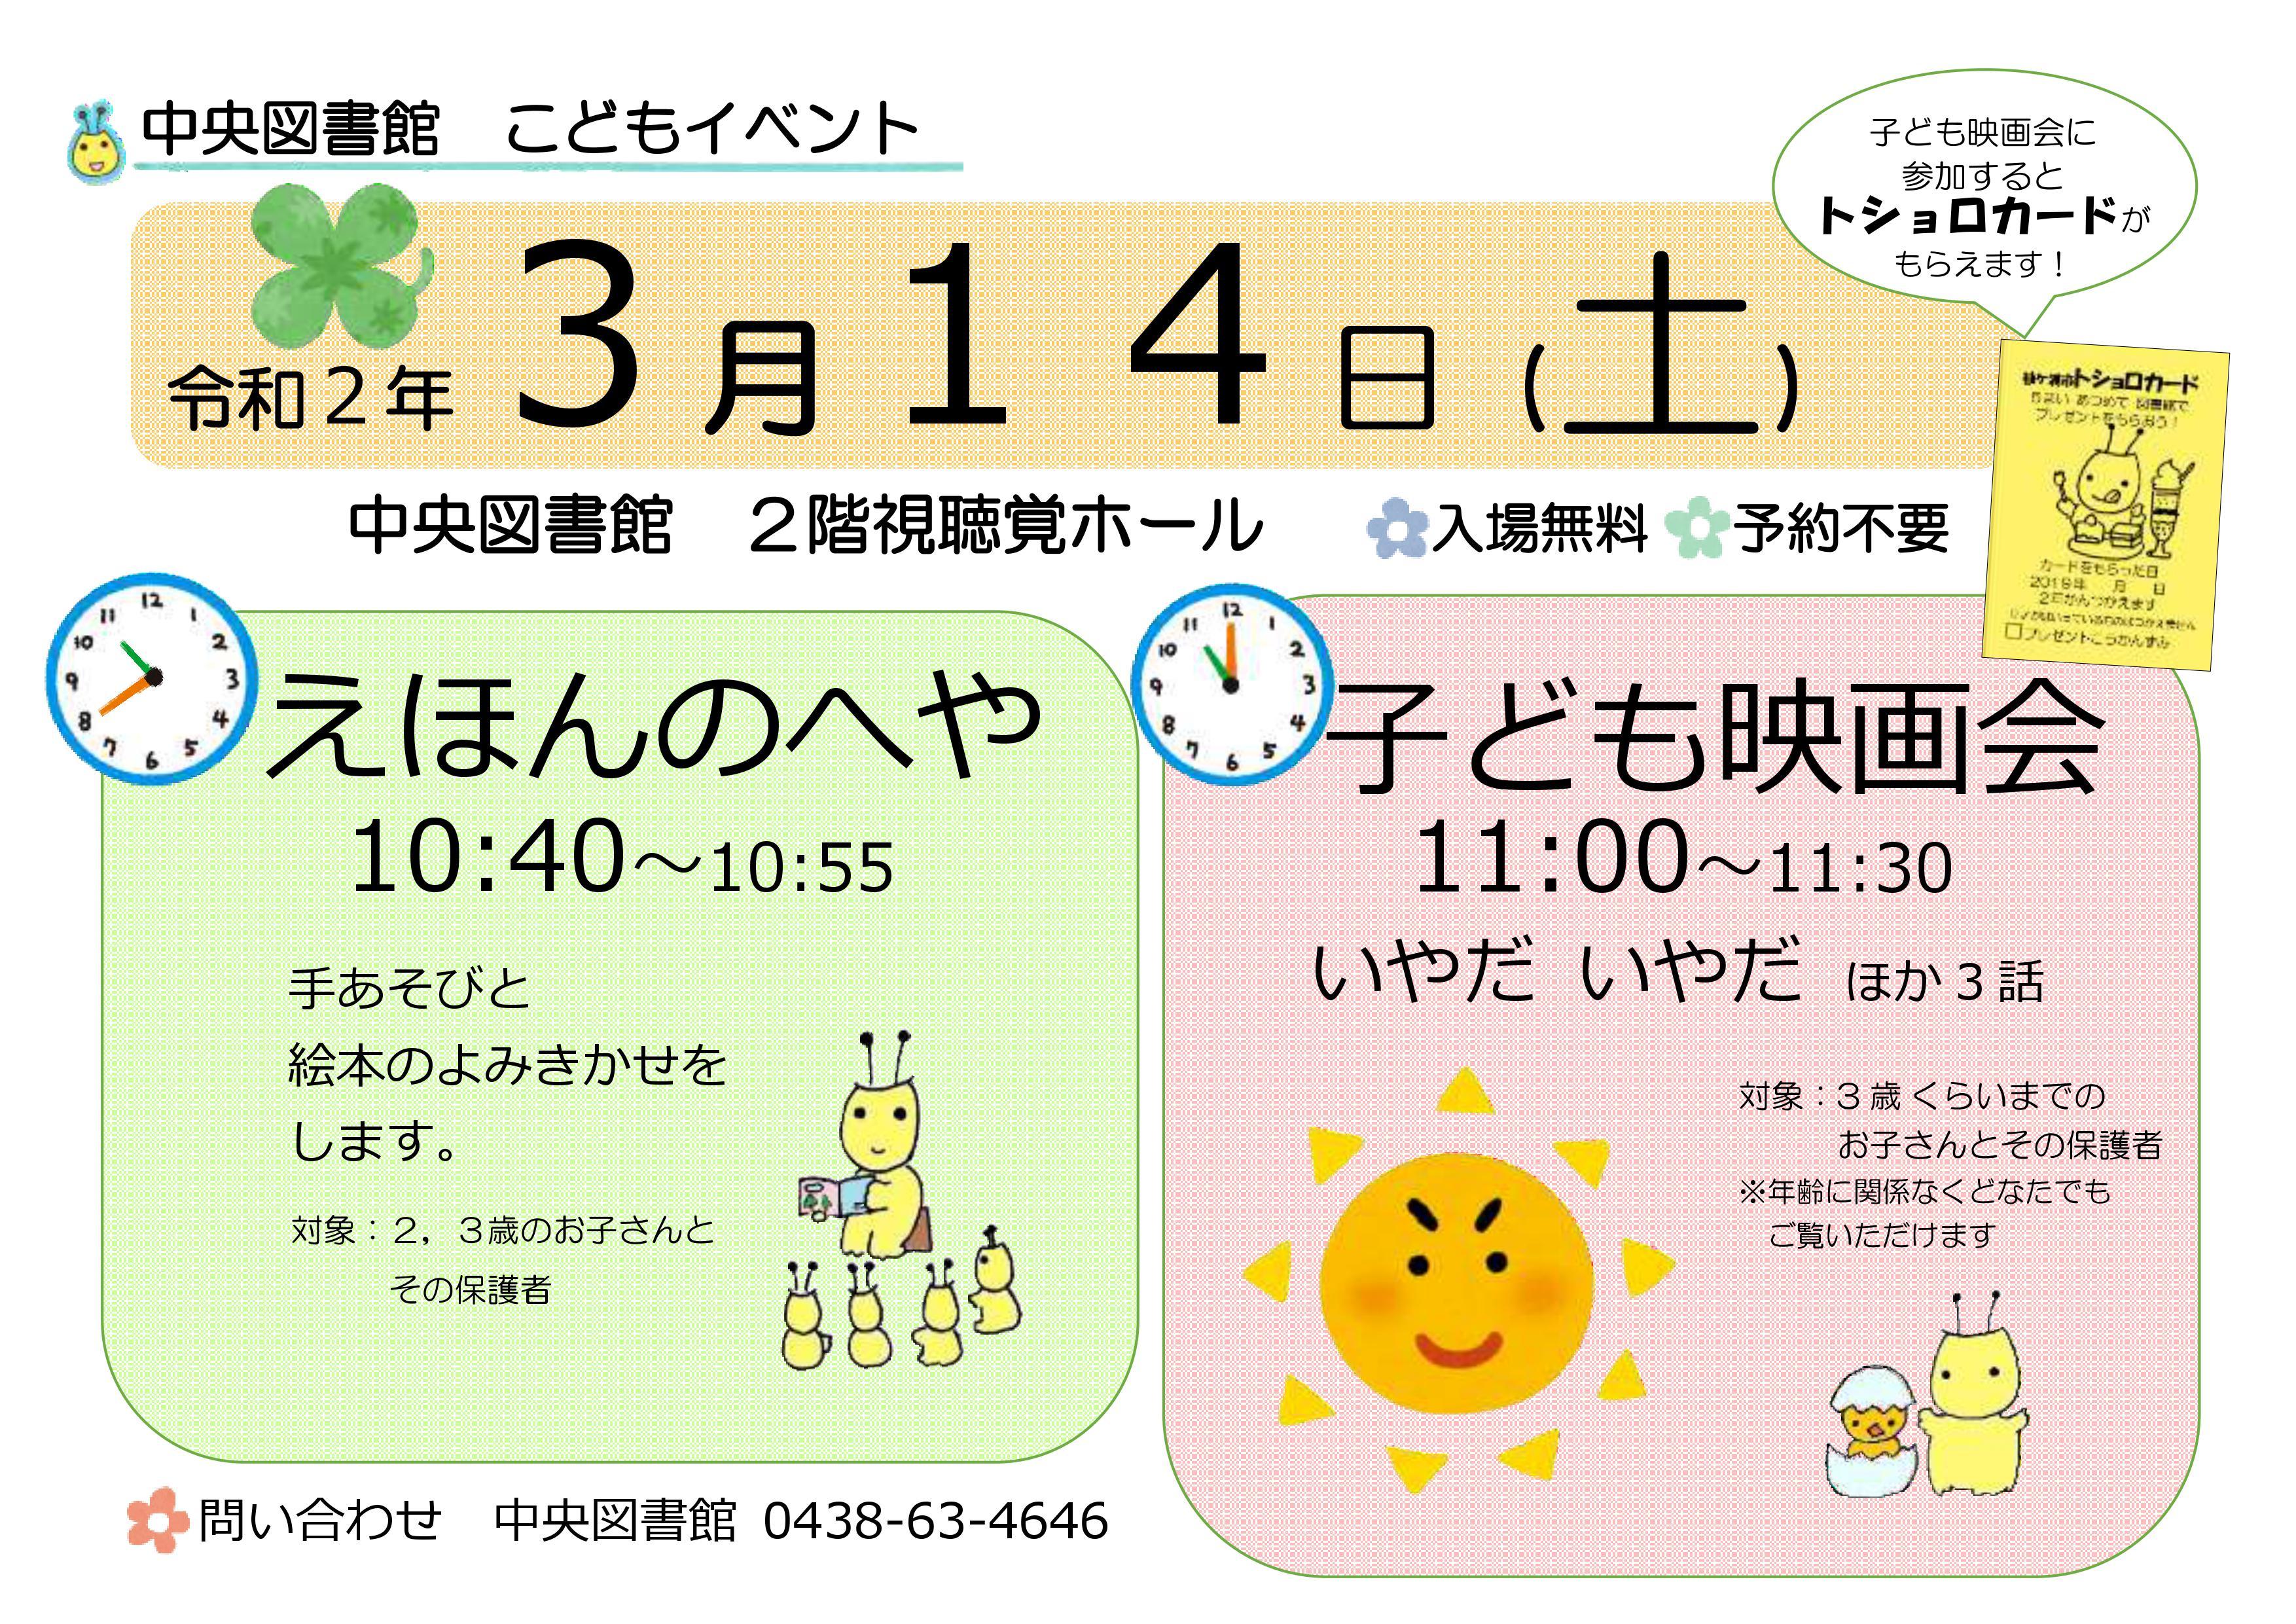 3月14日に開催される子どもイベントのポスター